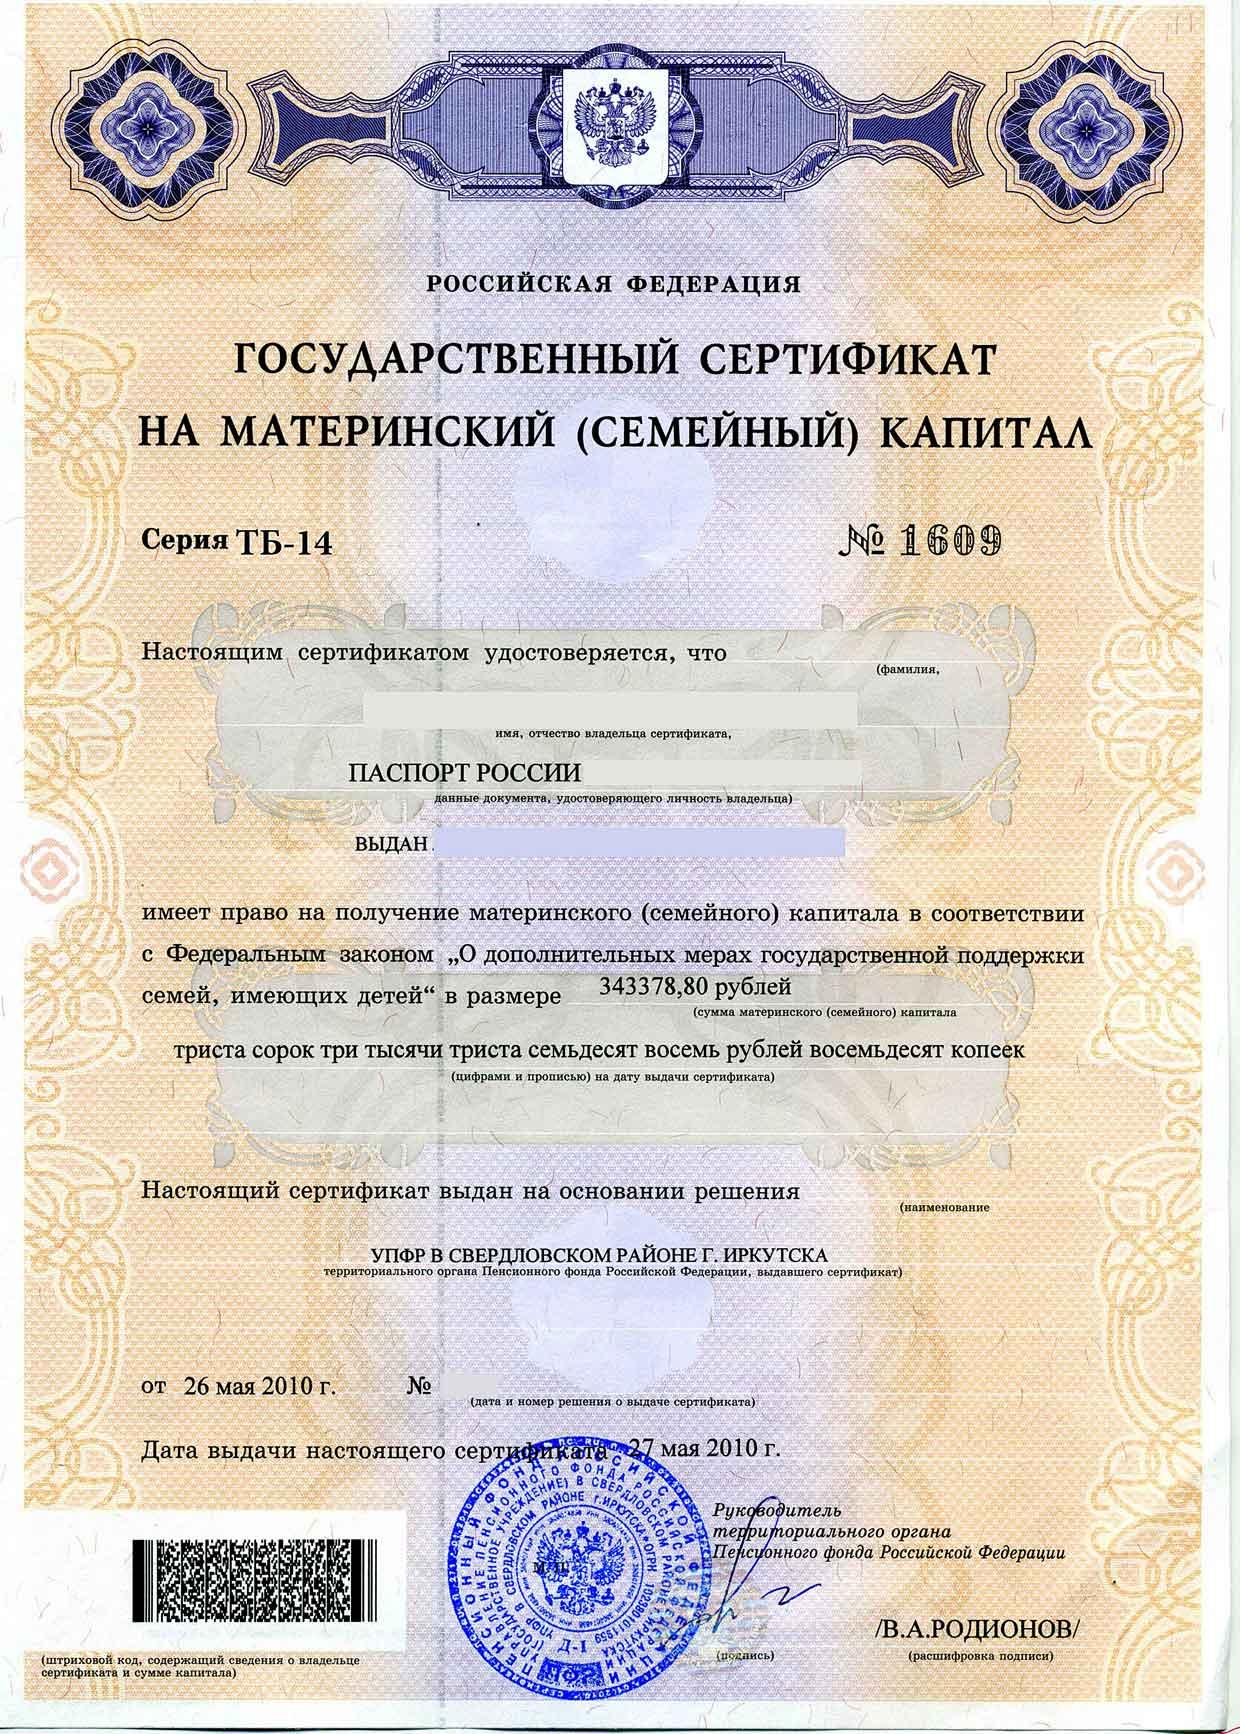 Образец государственного сертификата на материнский (семейный) капитал